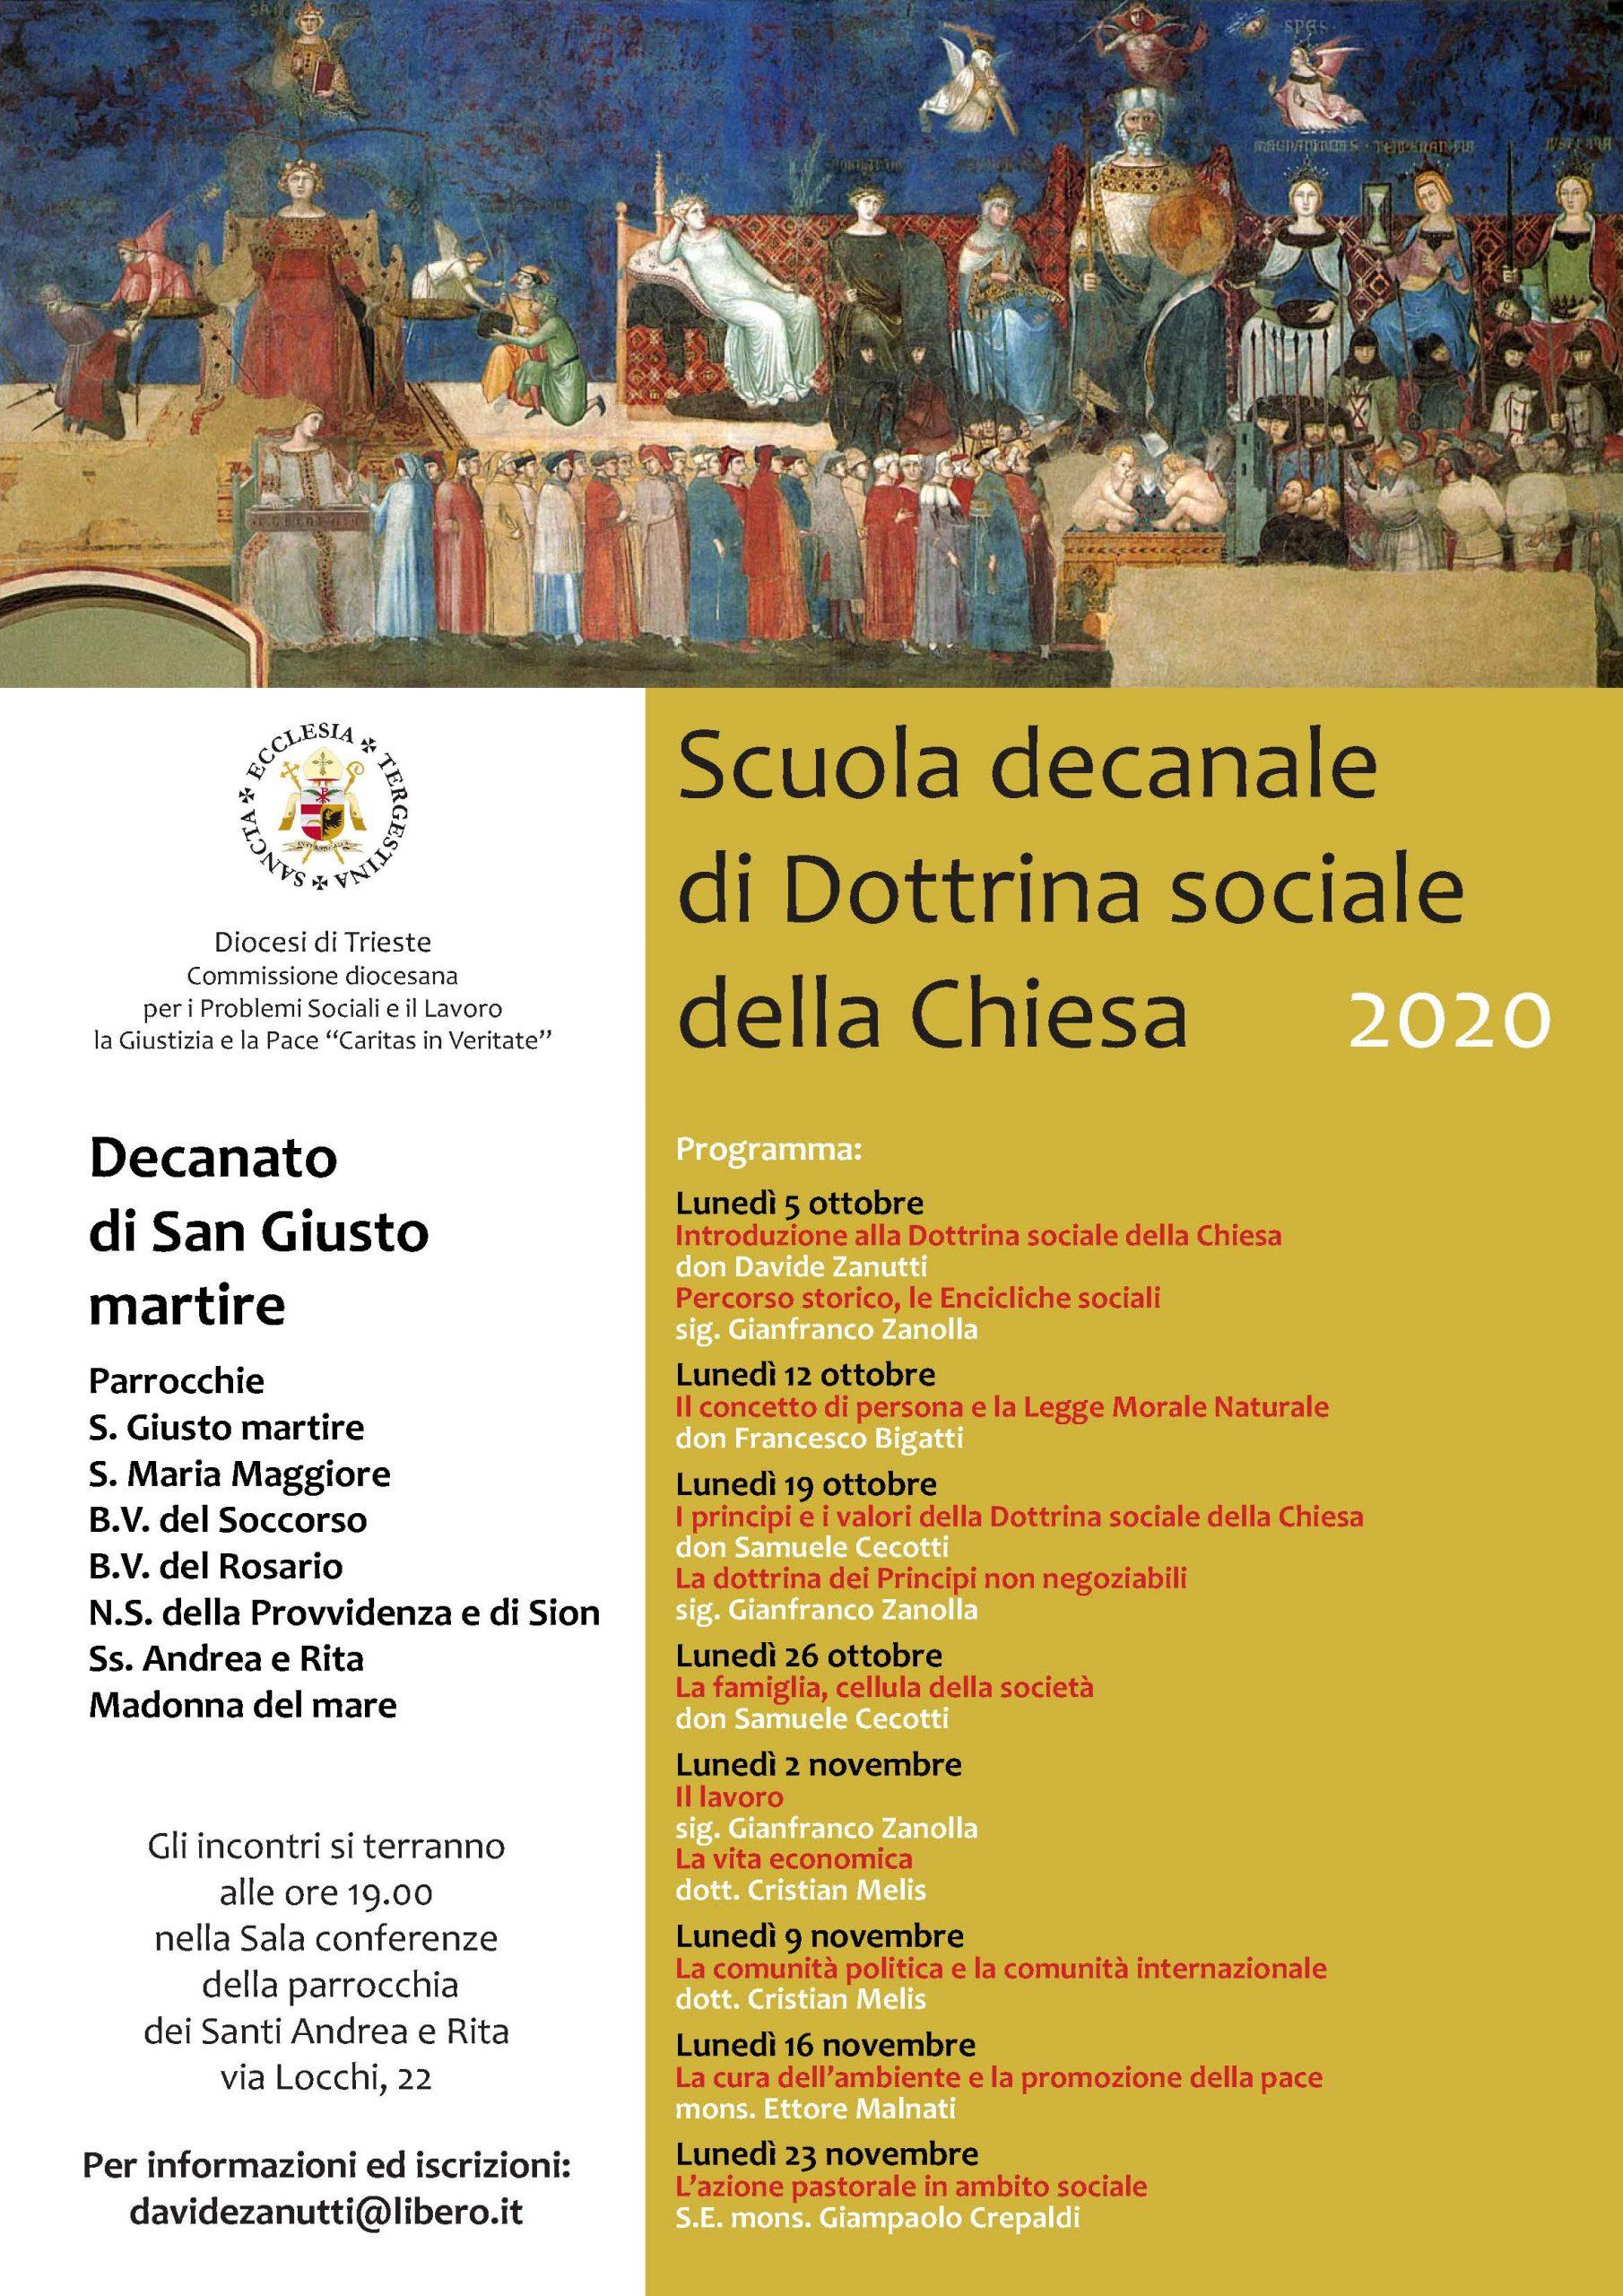 Scuola decanale di Dottrina sociale della Chiesa